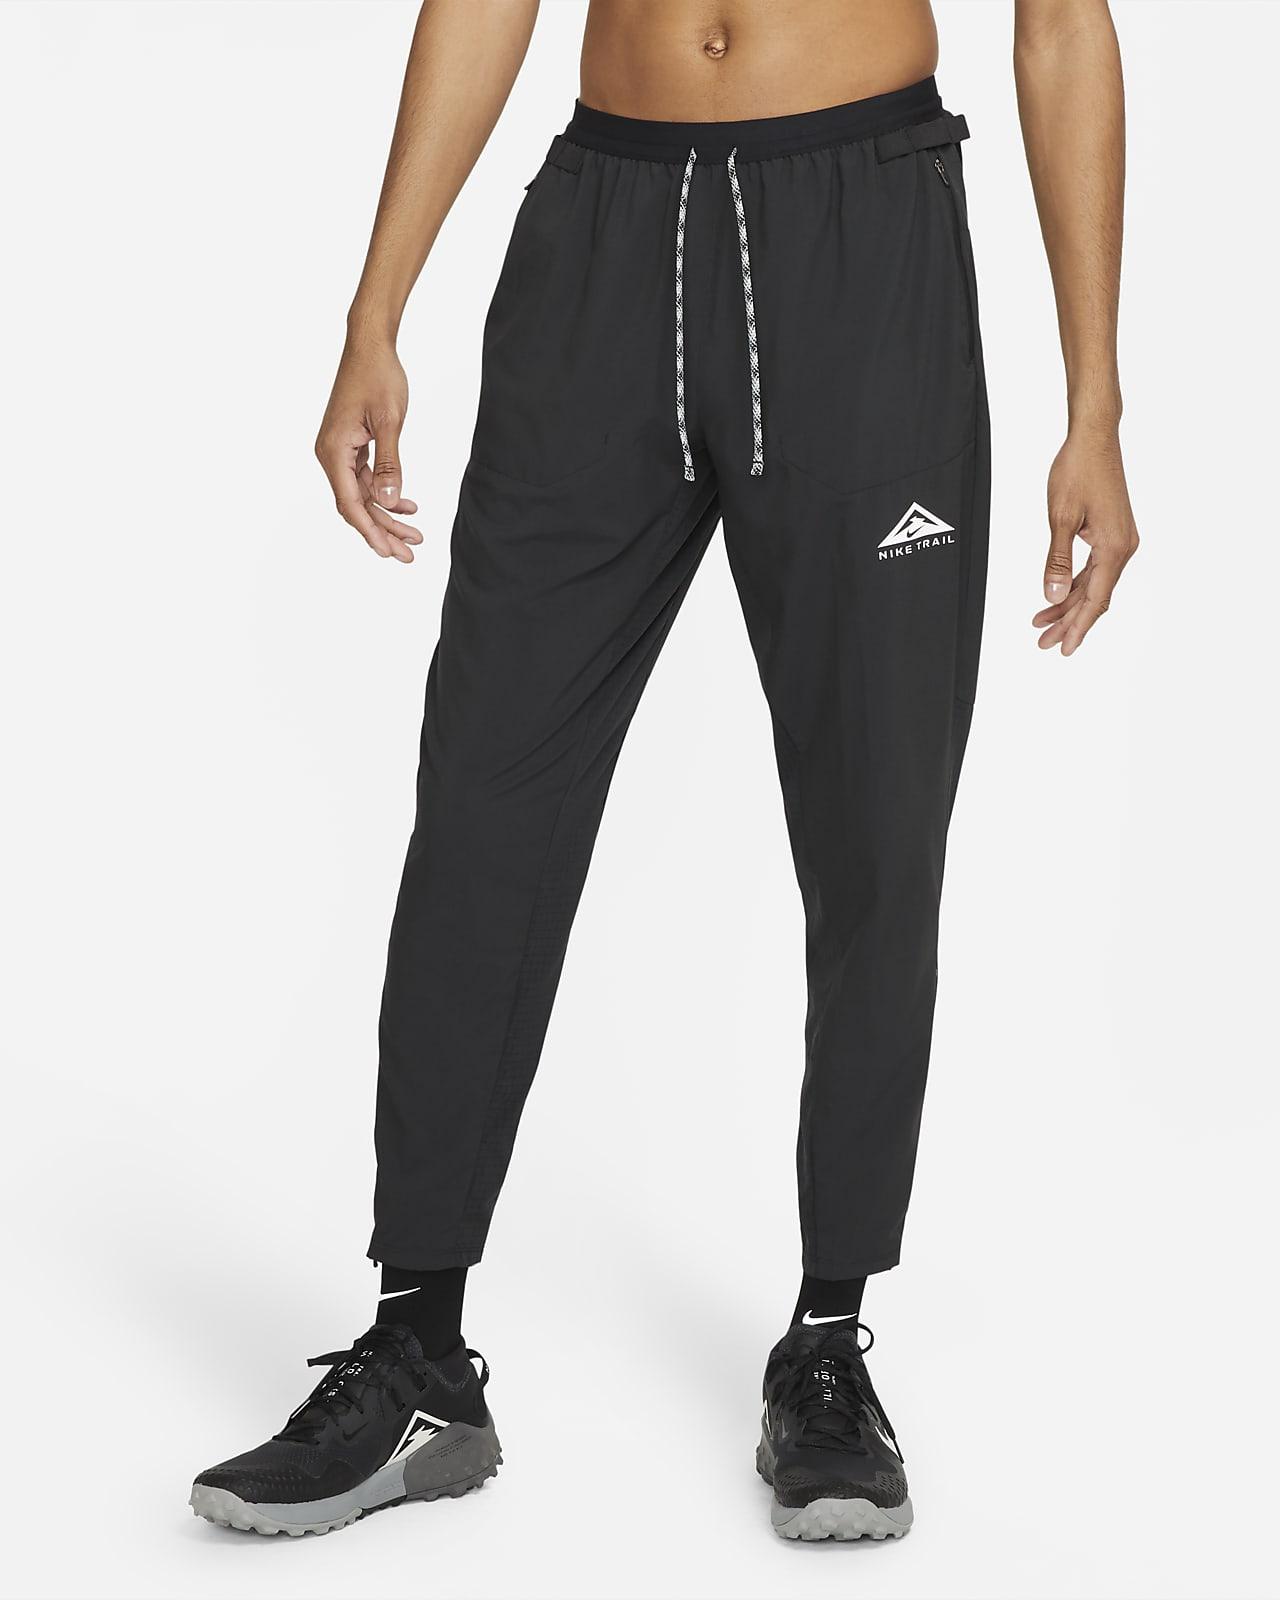 Pánské tkané běžecké kalhoty Nike Phenom Elite do terénu